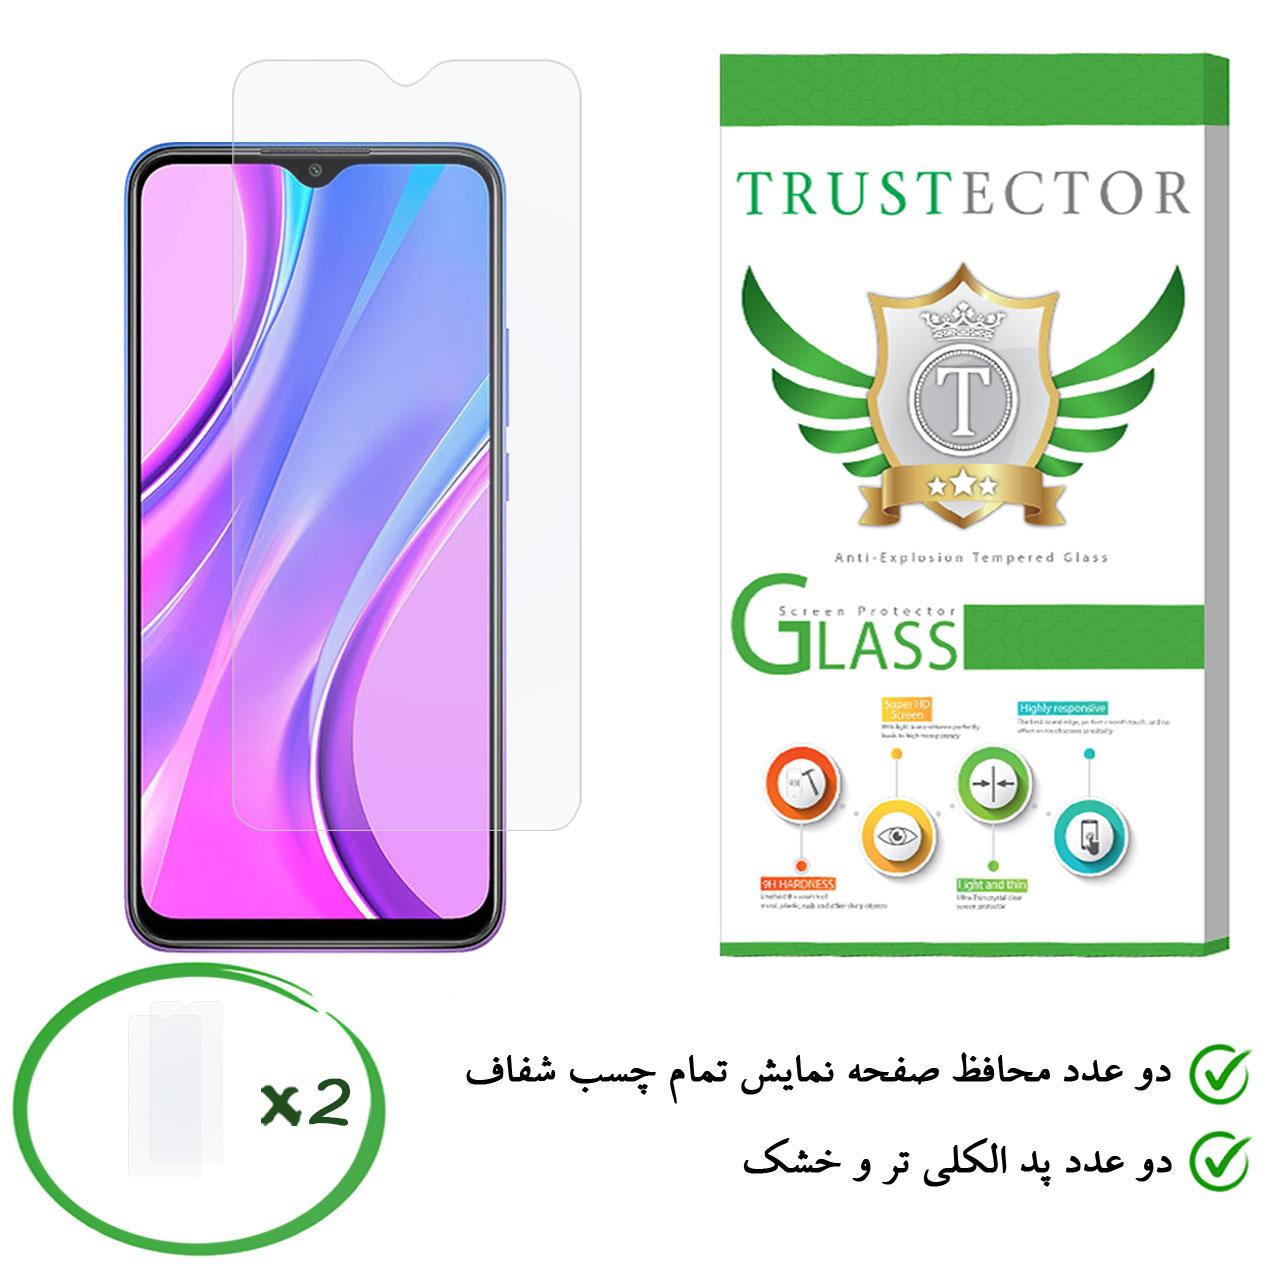 محافظ صفحه نمایش تراستکتور مدل GLS مناسب برای گوشی موبایل شیائومی Redmi 9 بسته 2 عددی              ( قیمت و خرید)